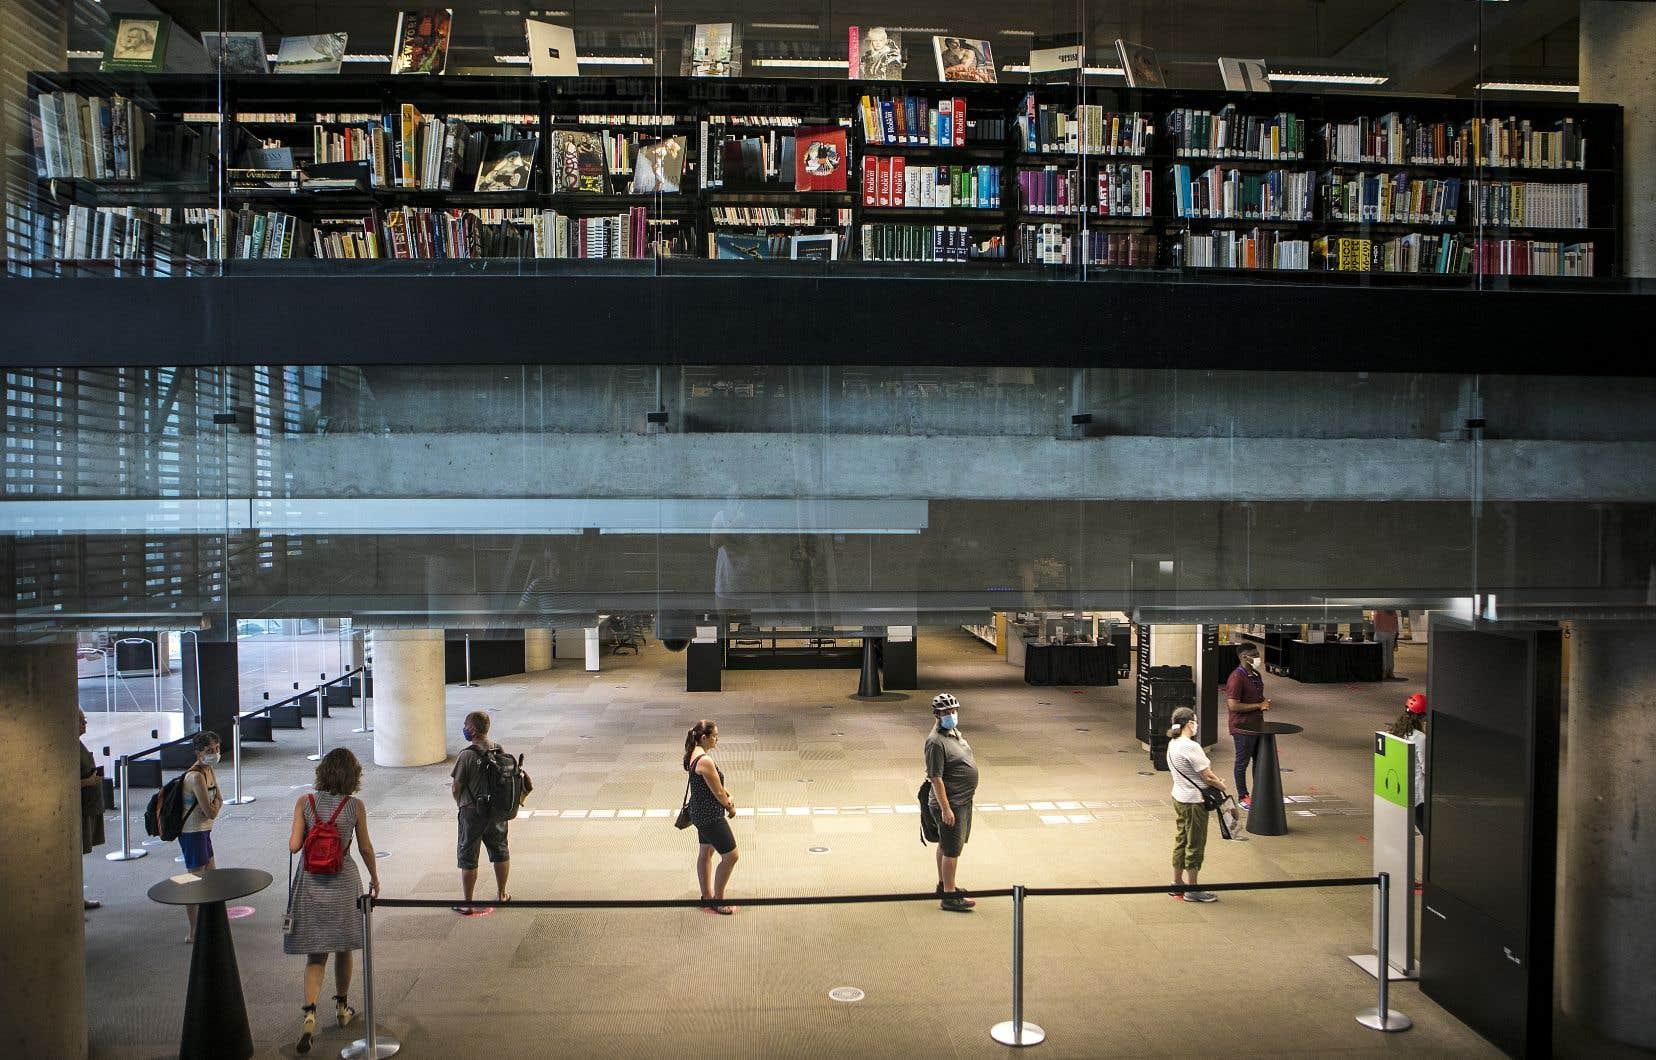 Les mises à pied temporaires au sein de la Grande Bibliothèque touchent des secteurs pour lesquels la baisse de fréquentation des lieux physiques entraîne une diminution marquée de la charge de travail.